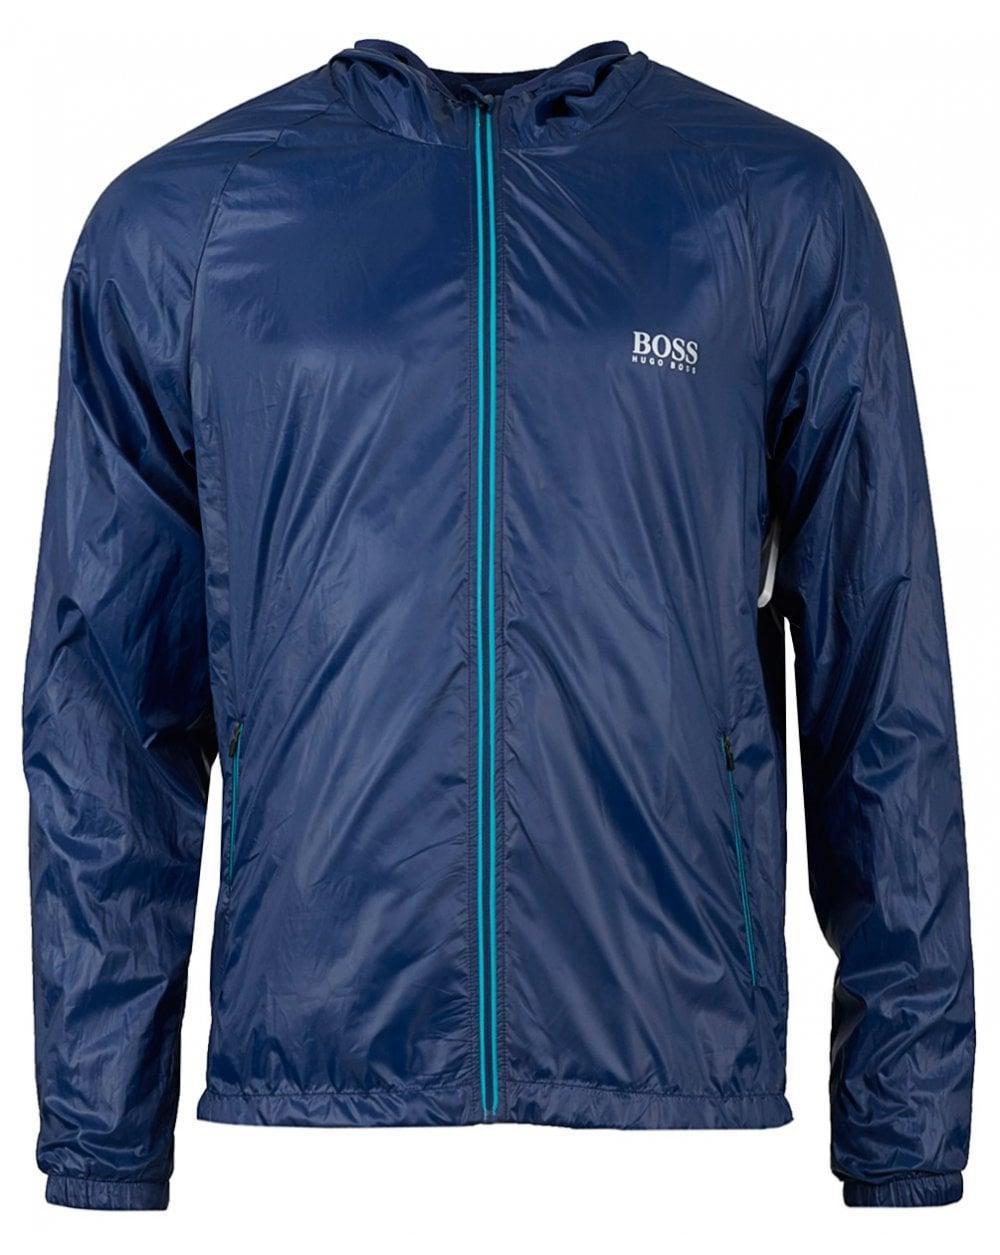 d93c591350 BOSS by Hugo Boss Beach Zip Jacket in Blue for Men - Lyst